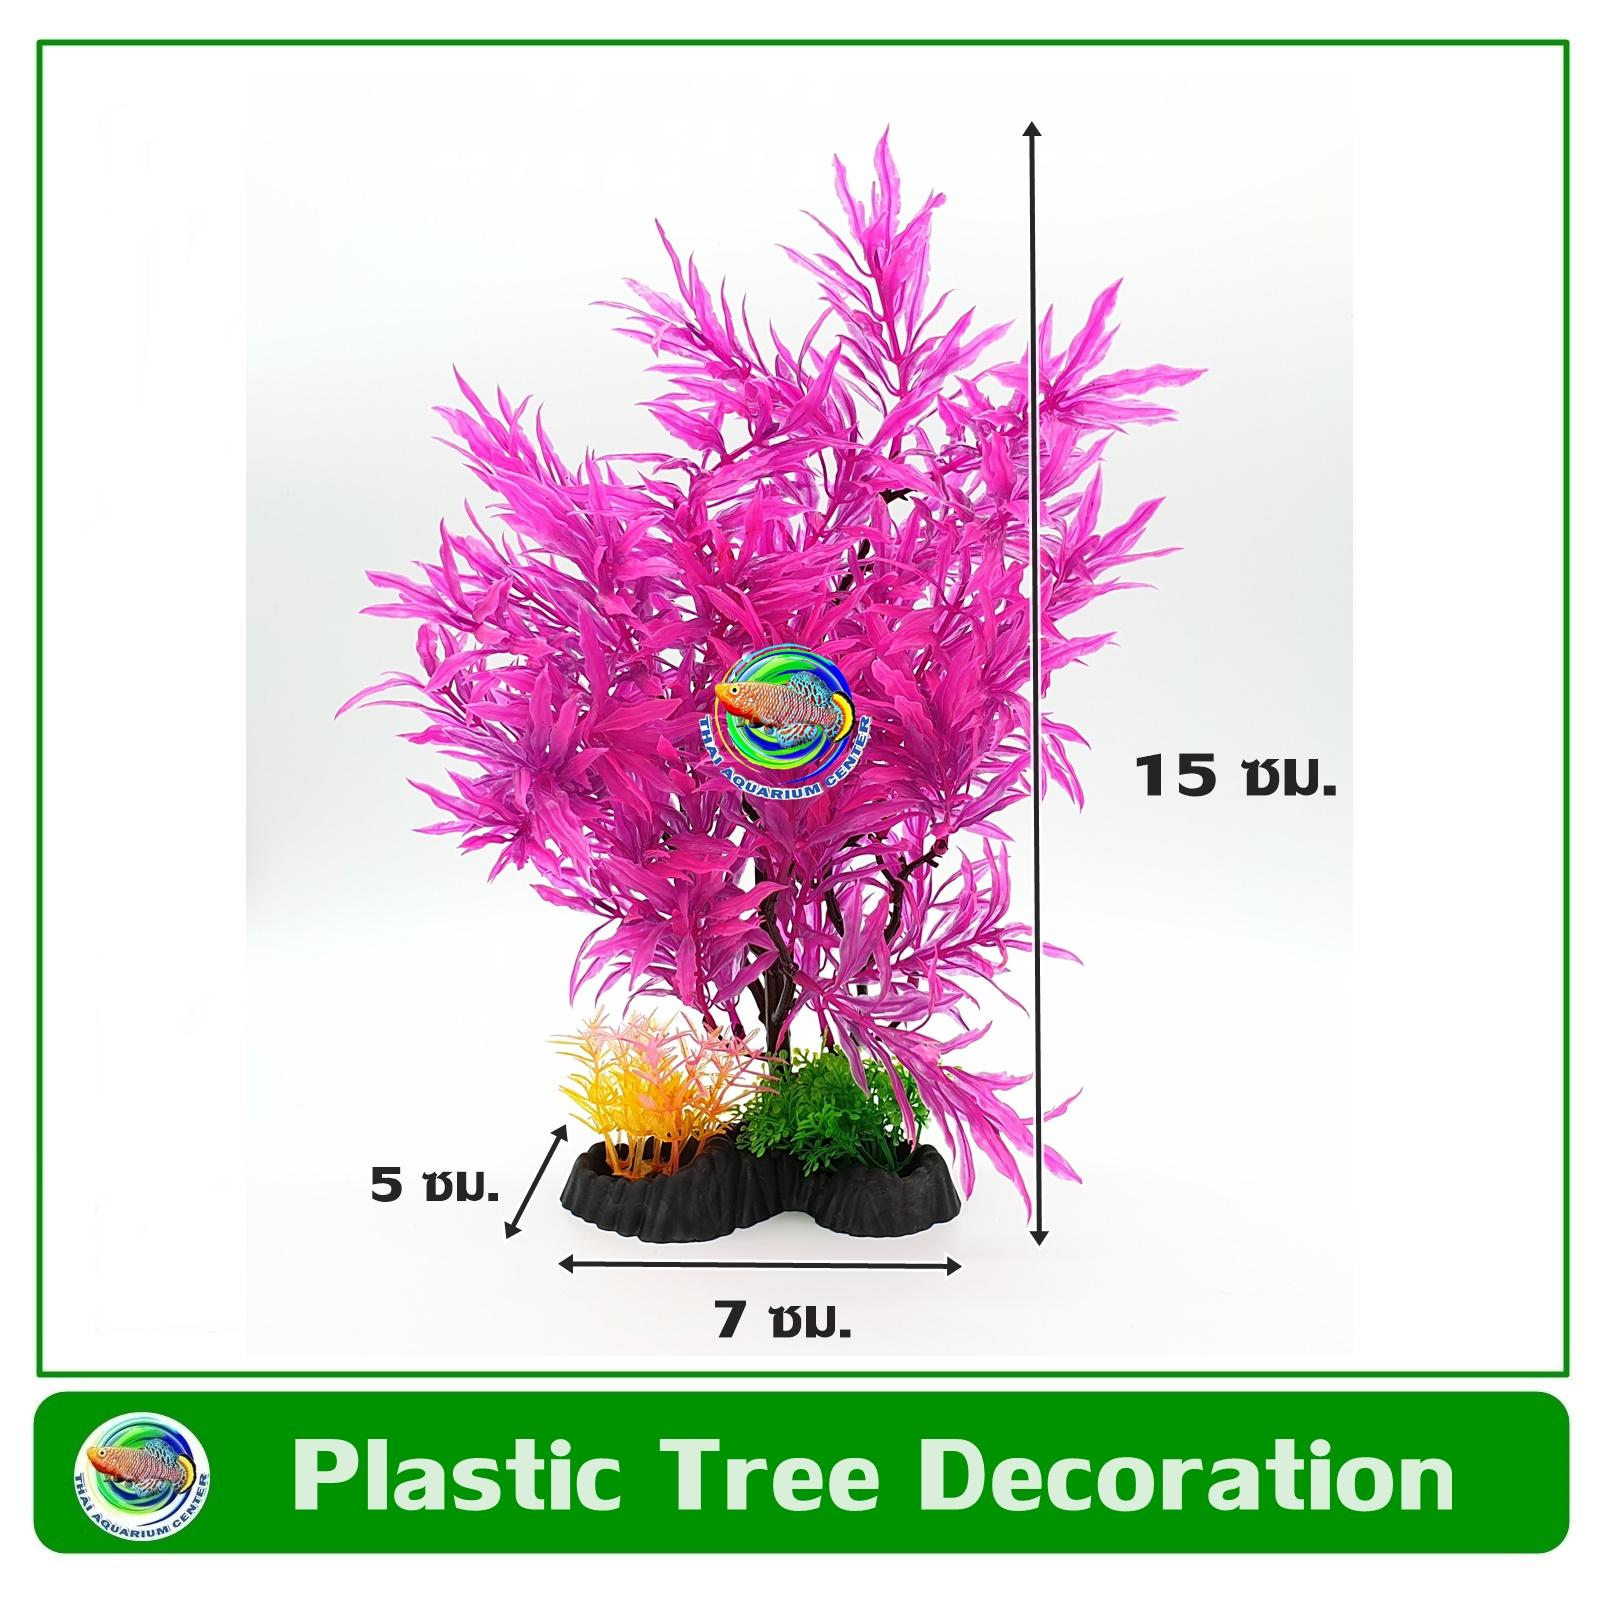 T039 ต้นไม้พลาสติก ใบสีชมพูเข้ม ใบยาว ใช้ตกแต่งตู้ปลา Pink Leaf Tree